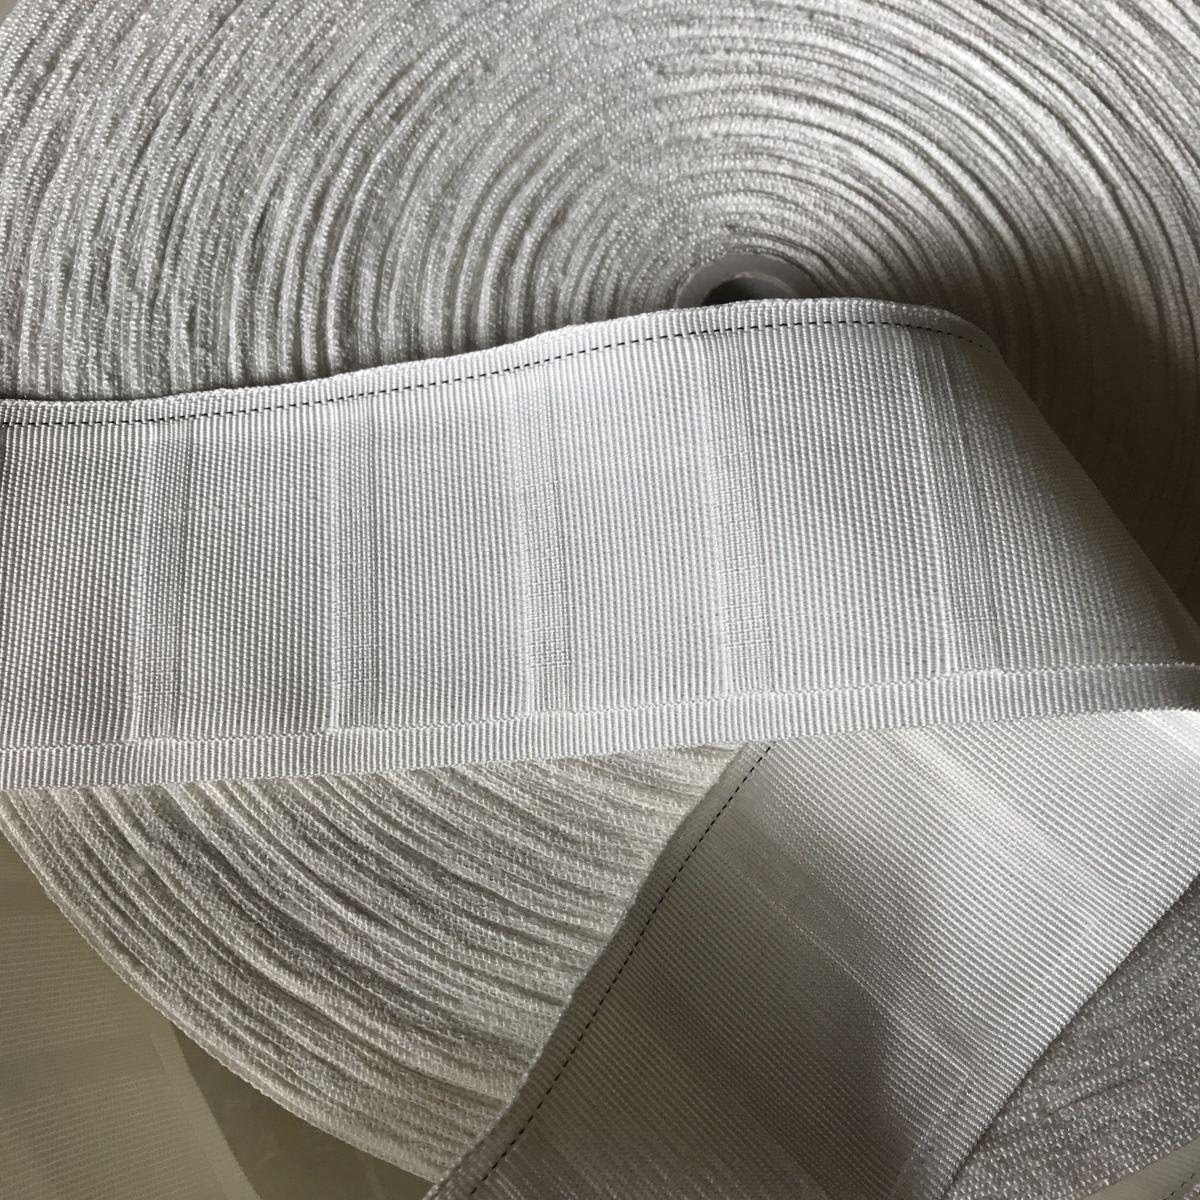 窗帘带挂钩布带白布带加密加厚布带防晒可水洗布带配件辅料包邮